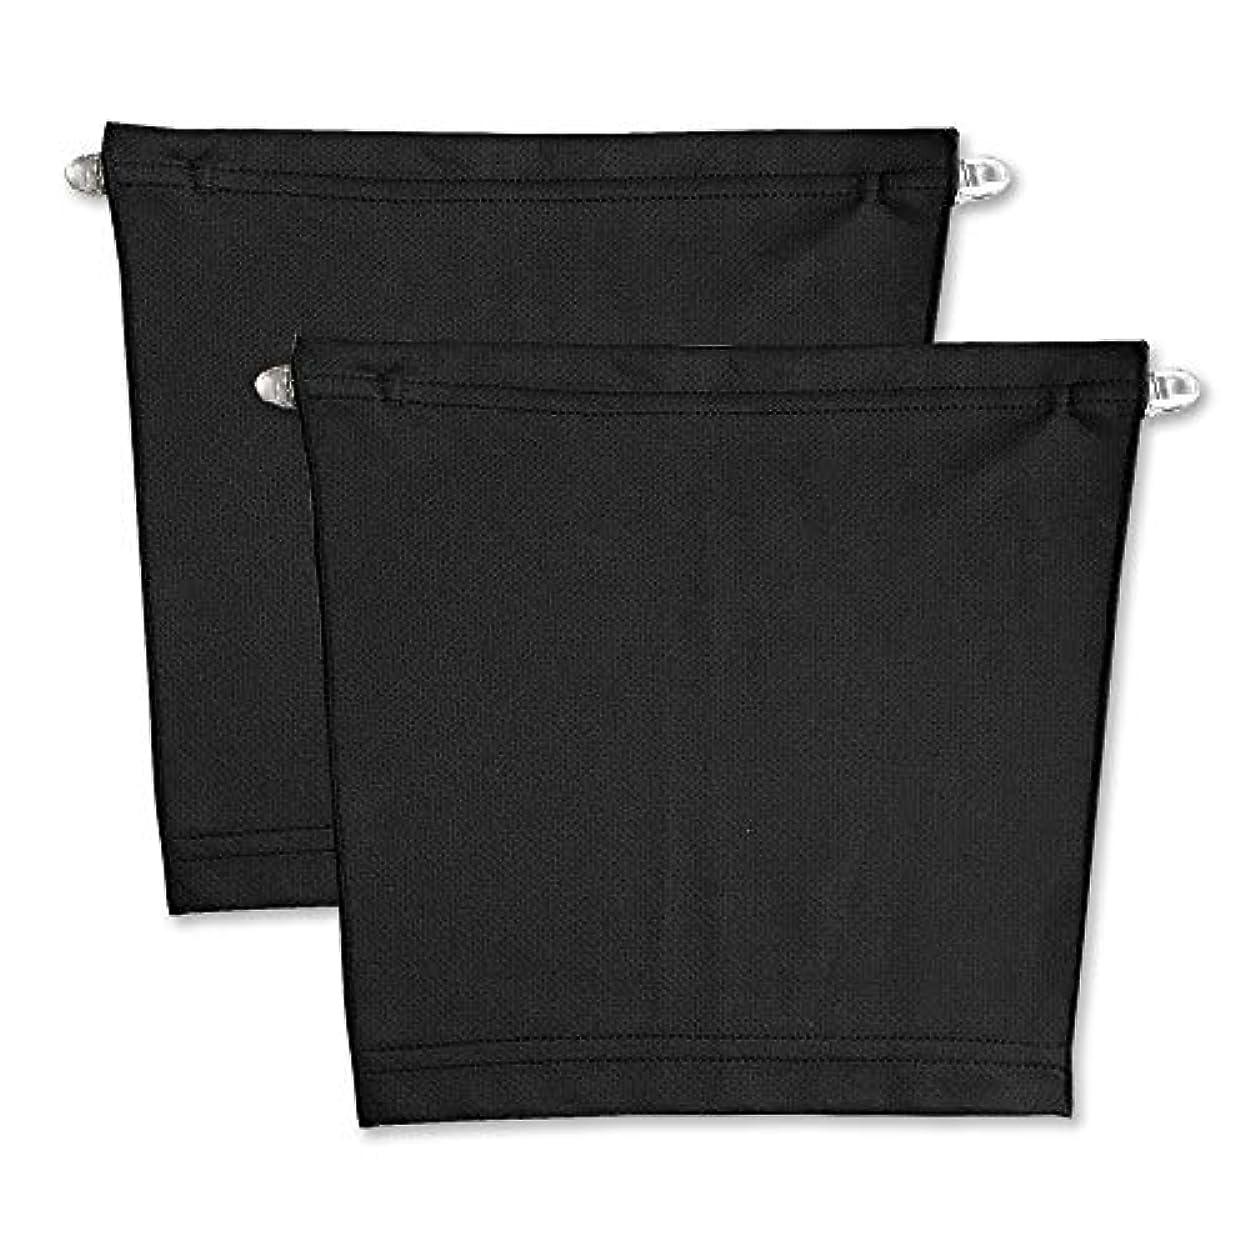 送信する初期無能フロントキャミ (2枚組) 胸元隠し UVカット (黒 & 黒)